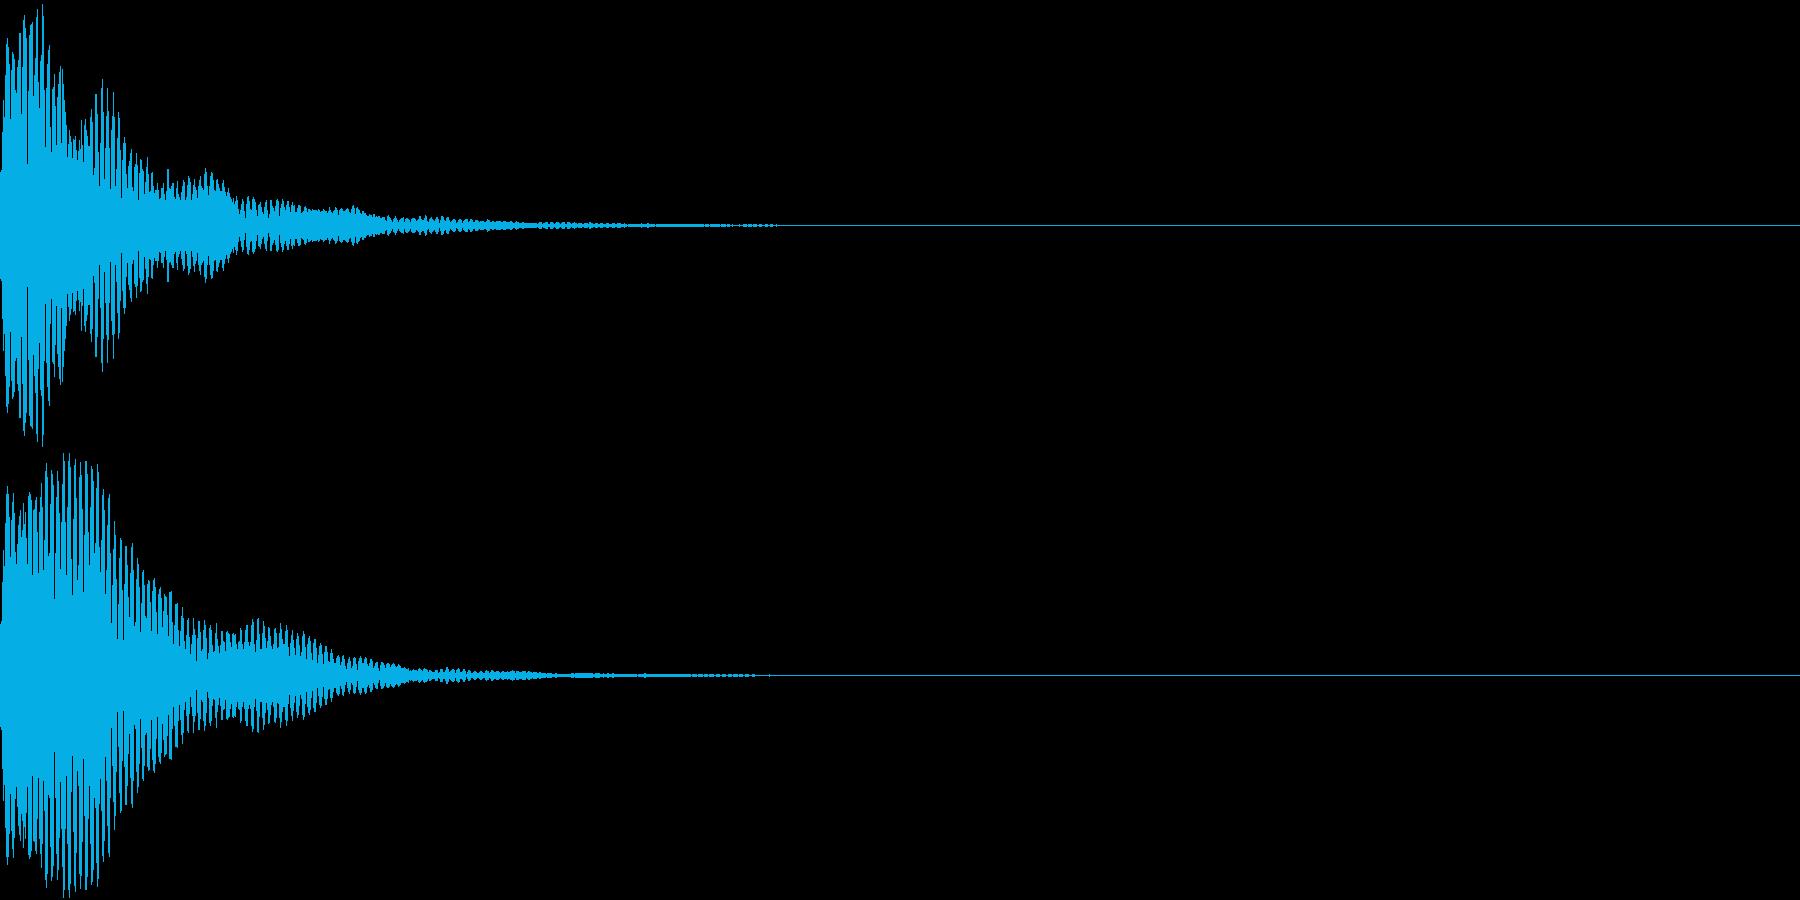 刀 キー 剣 リアル インパクト Mの再生済みの波形